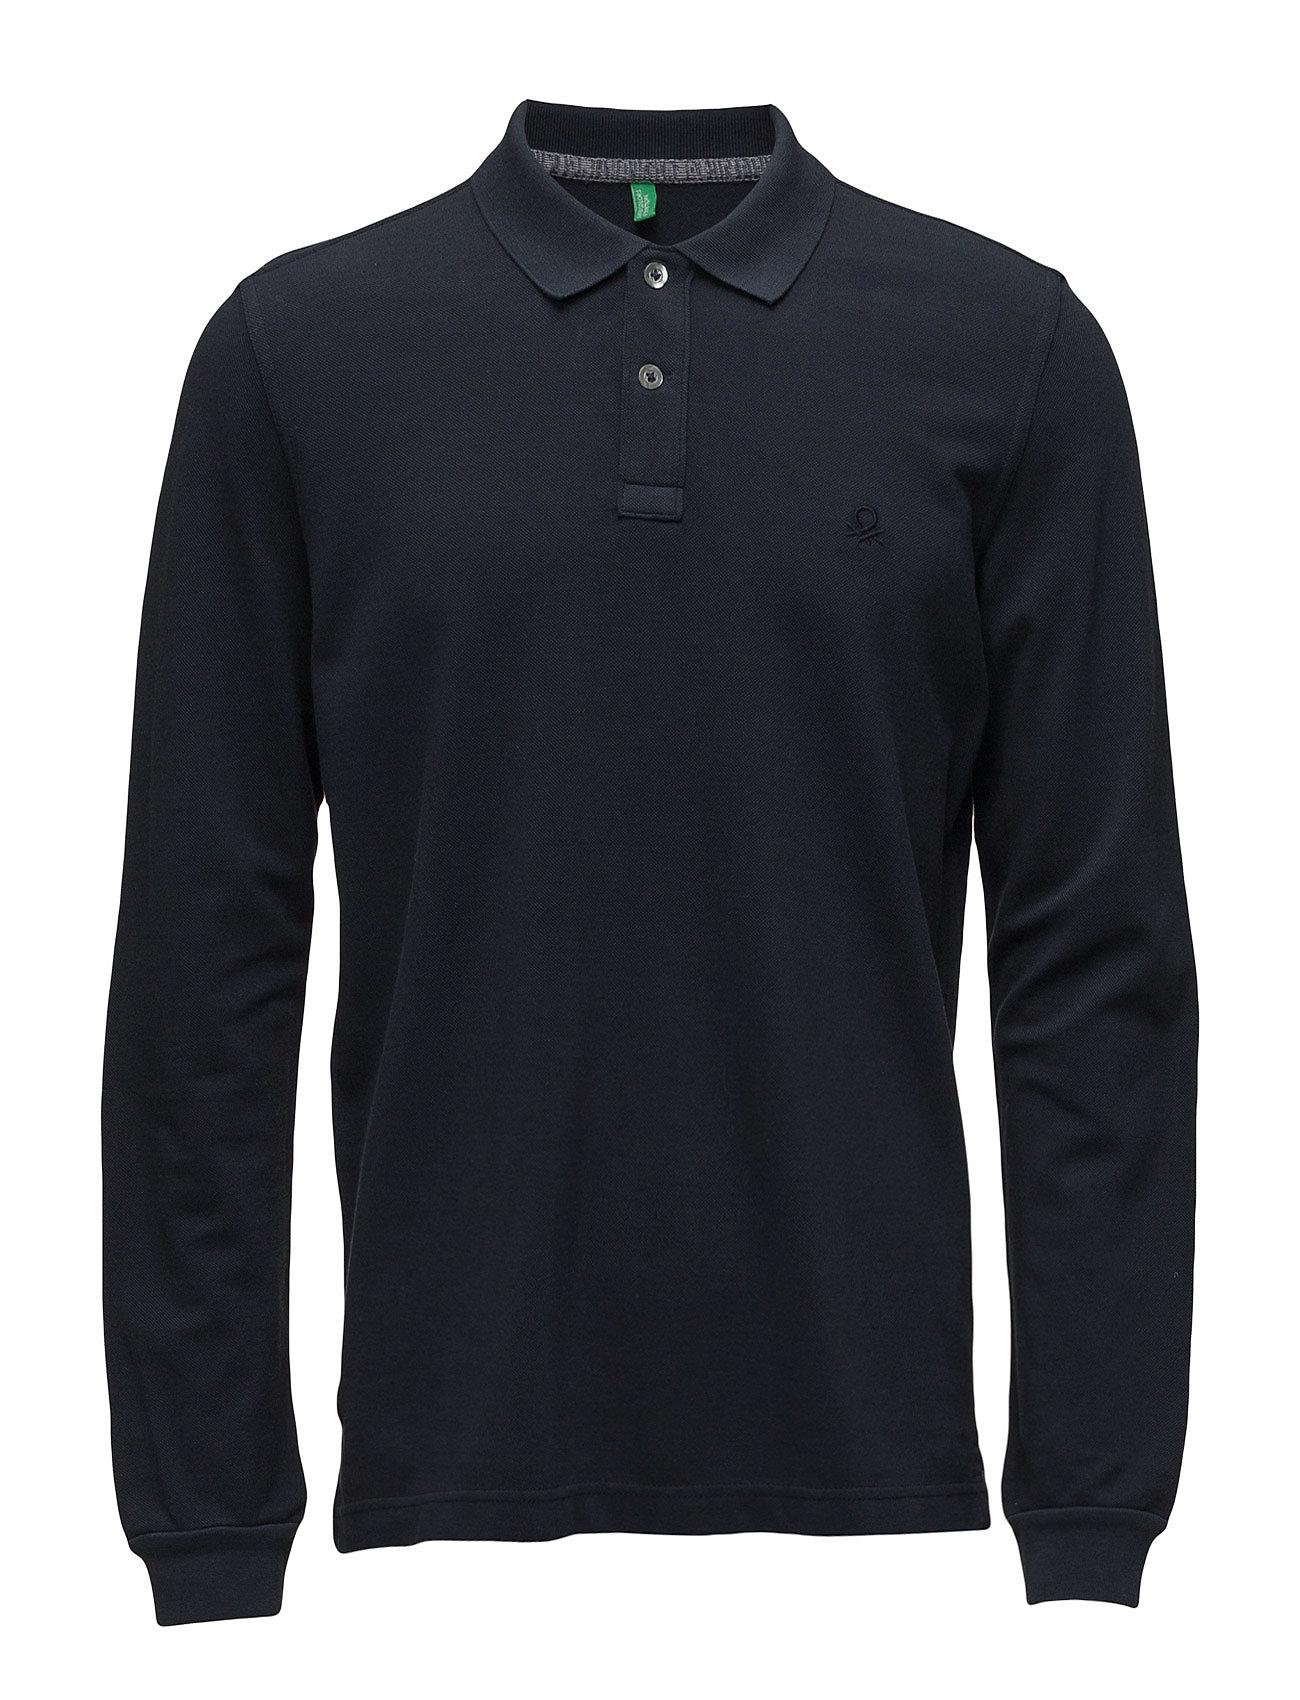 L/S Polo Shirt United Colors of Benetton Længærmede polo t-shirts til Herrer i 06U